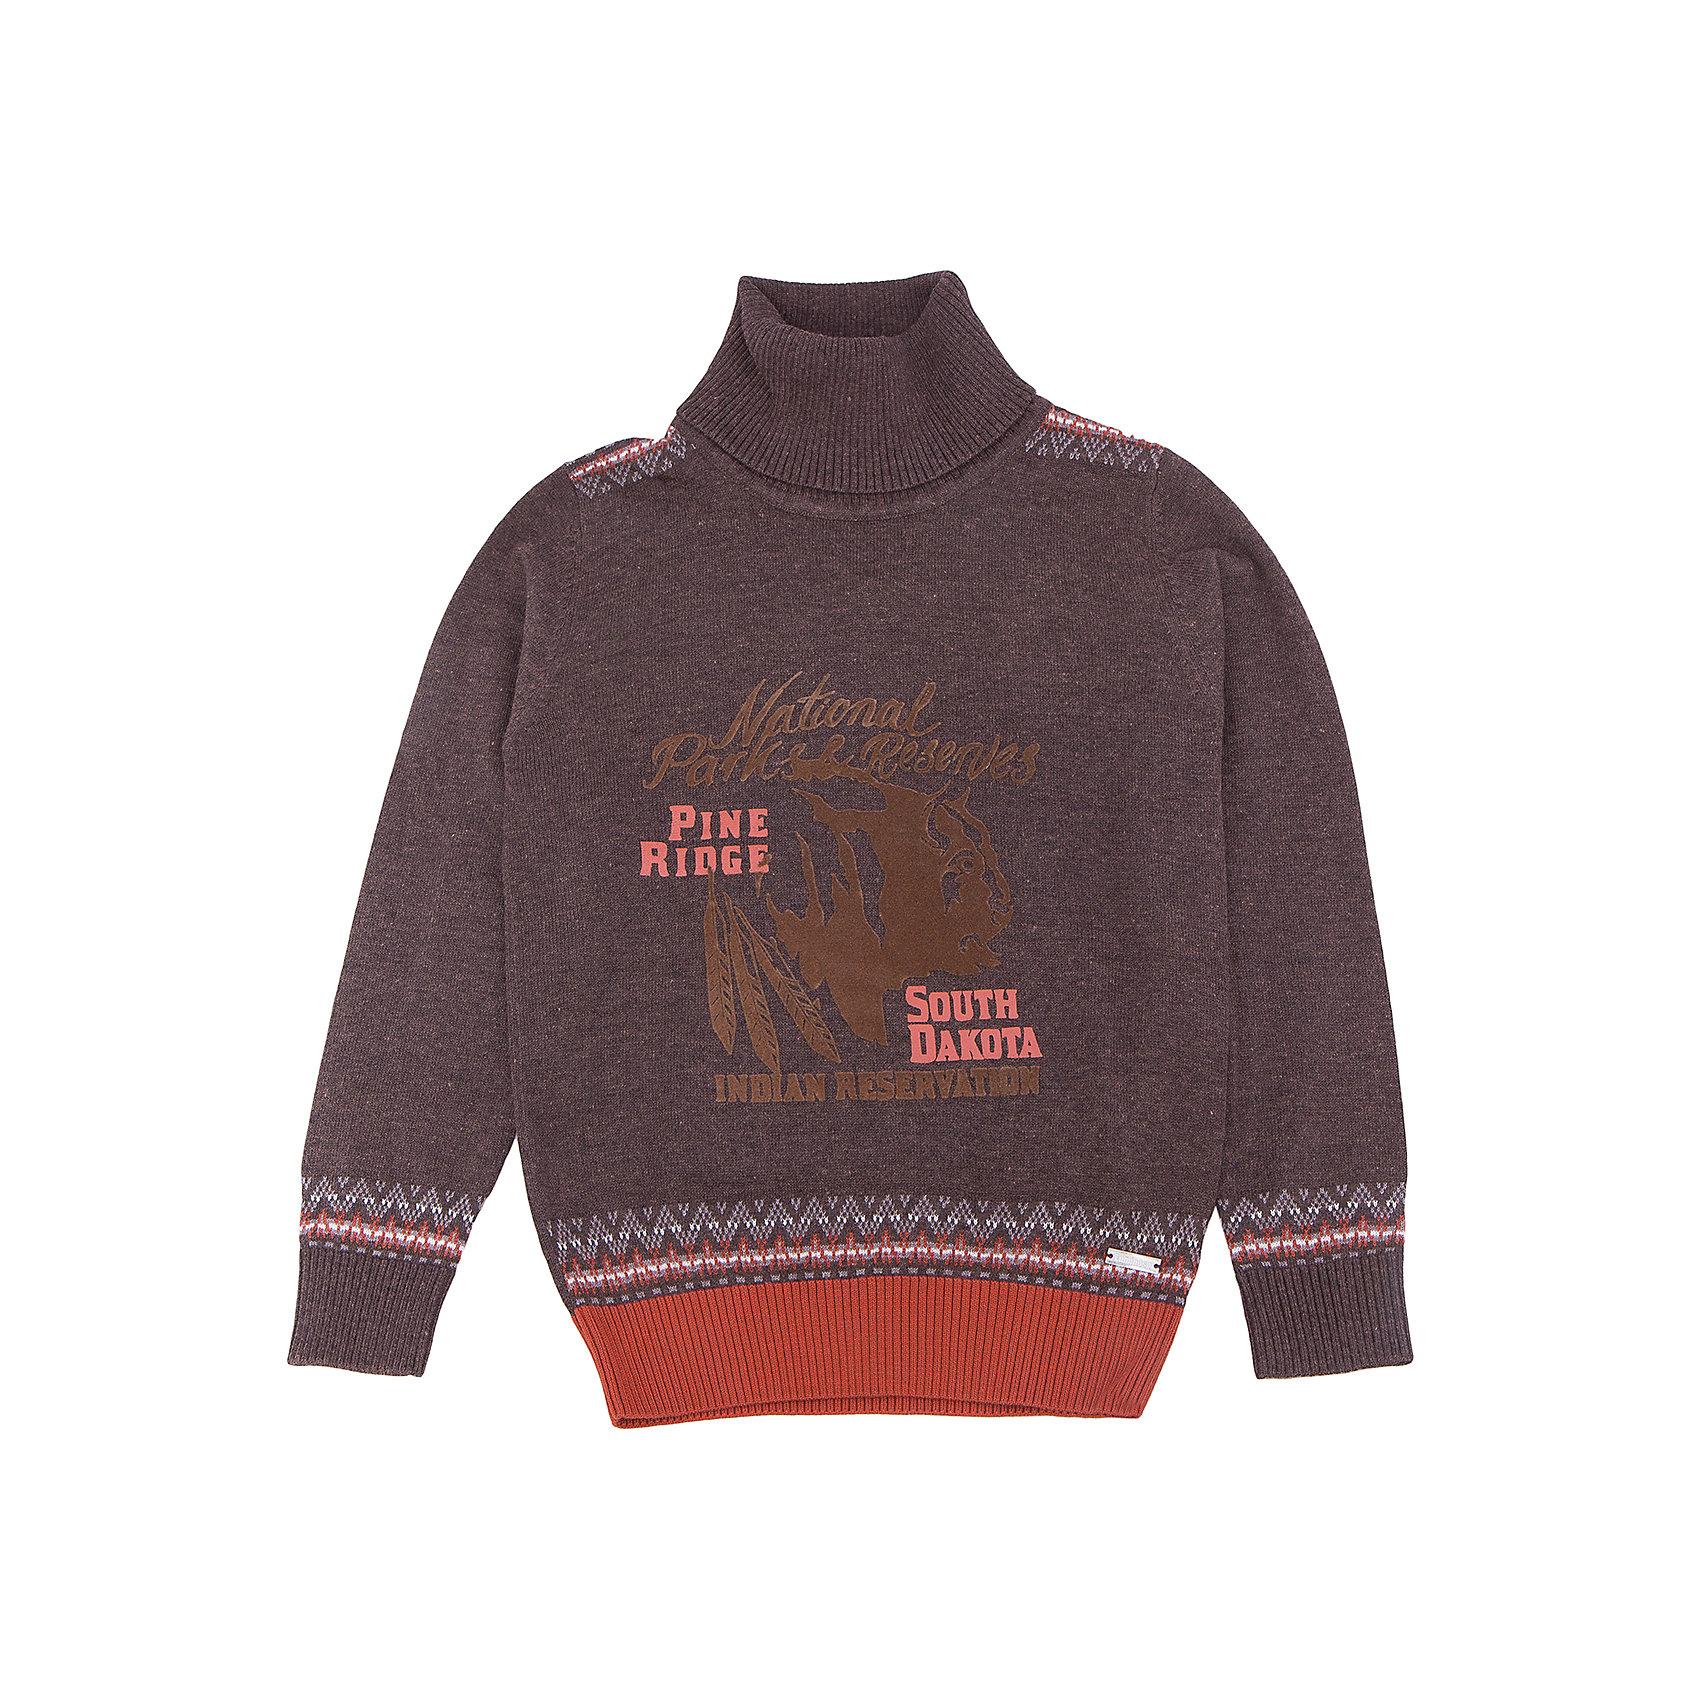 Водолазка для мальчика LuminosoВодолазки<br>Характеристики товара:<br><br>- цвет: коричневый;<br>- материал: 60% хлопок, 40% акрил;<br>- качественная пряжа;<br>- резинка по низу и на рукавах;<br>- длинный рукав;<br>- вязаный узор;<br>- высокий ворот.<br><br>Стильная одежда от бренда Luminoso (Люминосо), созданная при участии итальянских дизайнеров, учитывает потребности подростков и последние веяния моды. Она удобная и модная.<br>Эта тонкая вязаная водолазка идеальна для прохладной погоды. Она хорошо сидит на ребенке, обеспечивает комфорт и отлично сочетается с одежной разных стилей. Модель отличается высоким качеством пряжи и продуманным дизайном.<br><br>Водолазку для мальчика от бренда Luminoso (Люминосо) можно купить в нашем интернет-магазине.<br><br>Ширина мм: 230<br>Глубина мм: 40<br>Высота мм: 220<br>Вес г: 250<br>Цвет: коричневый<br>Возраст от месяцев: 144<br>Возраст до месяцев: 156<br>Пол: Мужской<br>Возраст: Детский<br>Размер: 158,164,134,140,146,152<br>SKU: 4930921